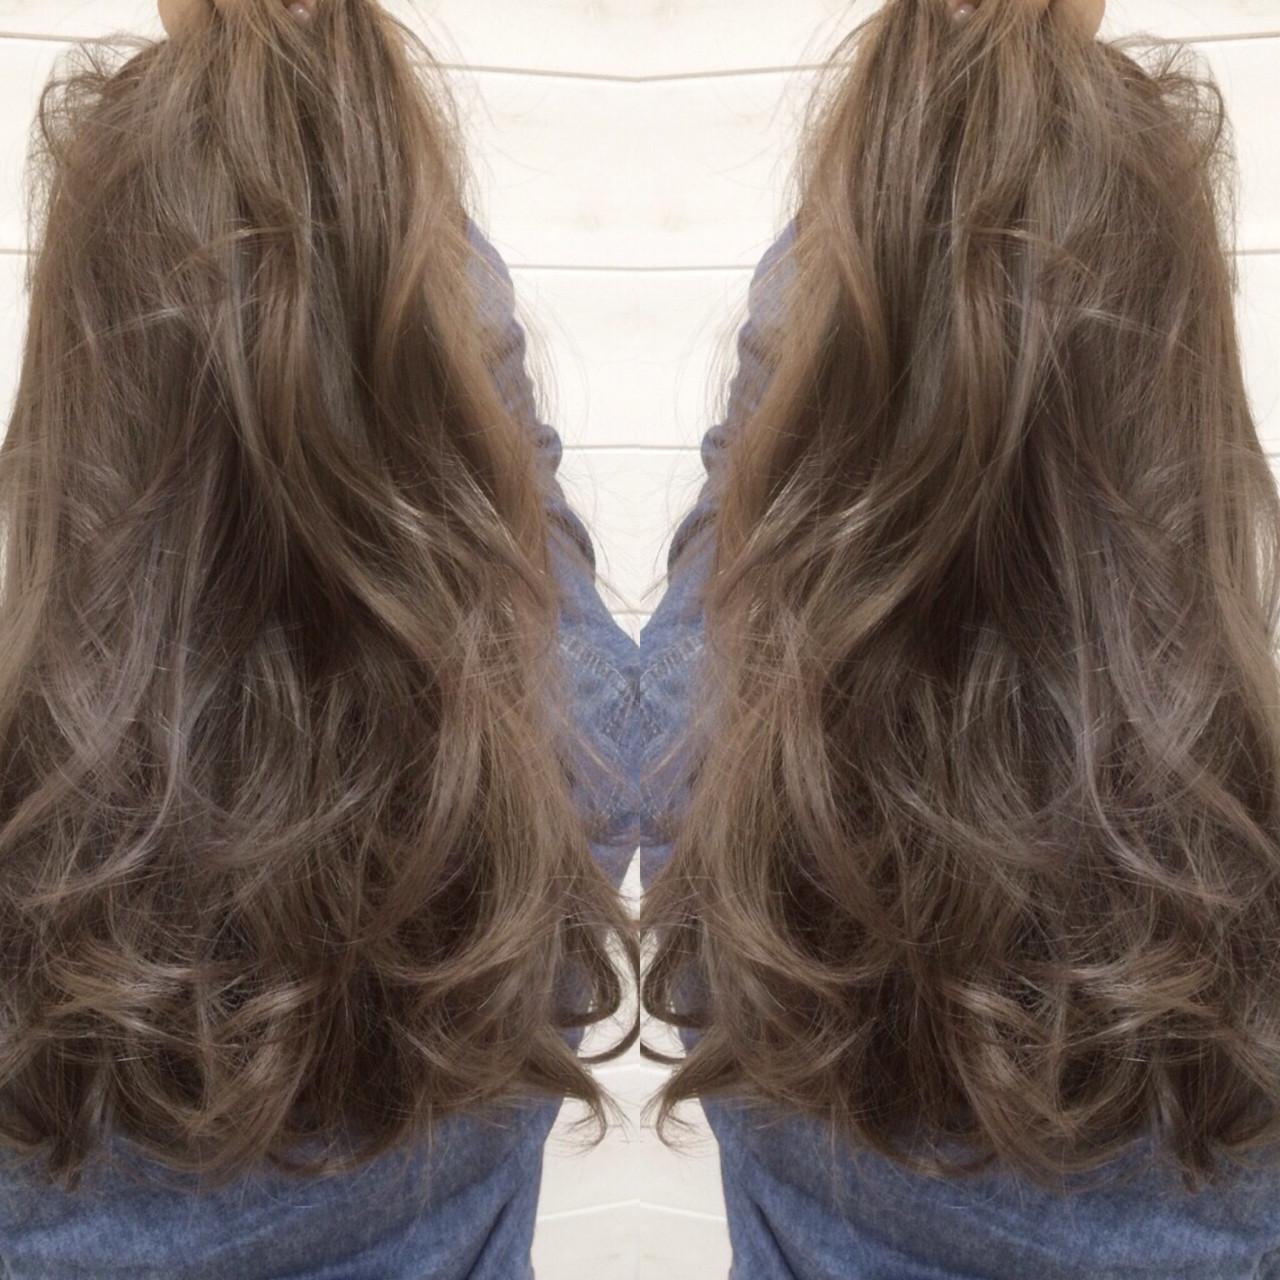 アッシュ グラデーションカラー 外国人風 コンサバヘアスタイルや髪型の写真・画像